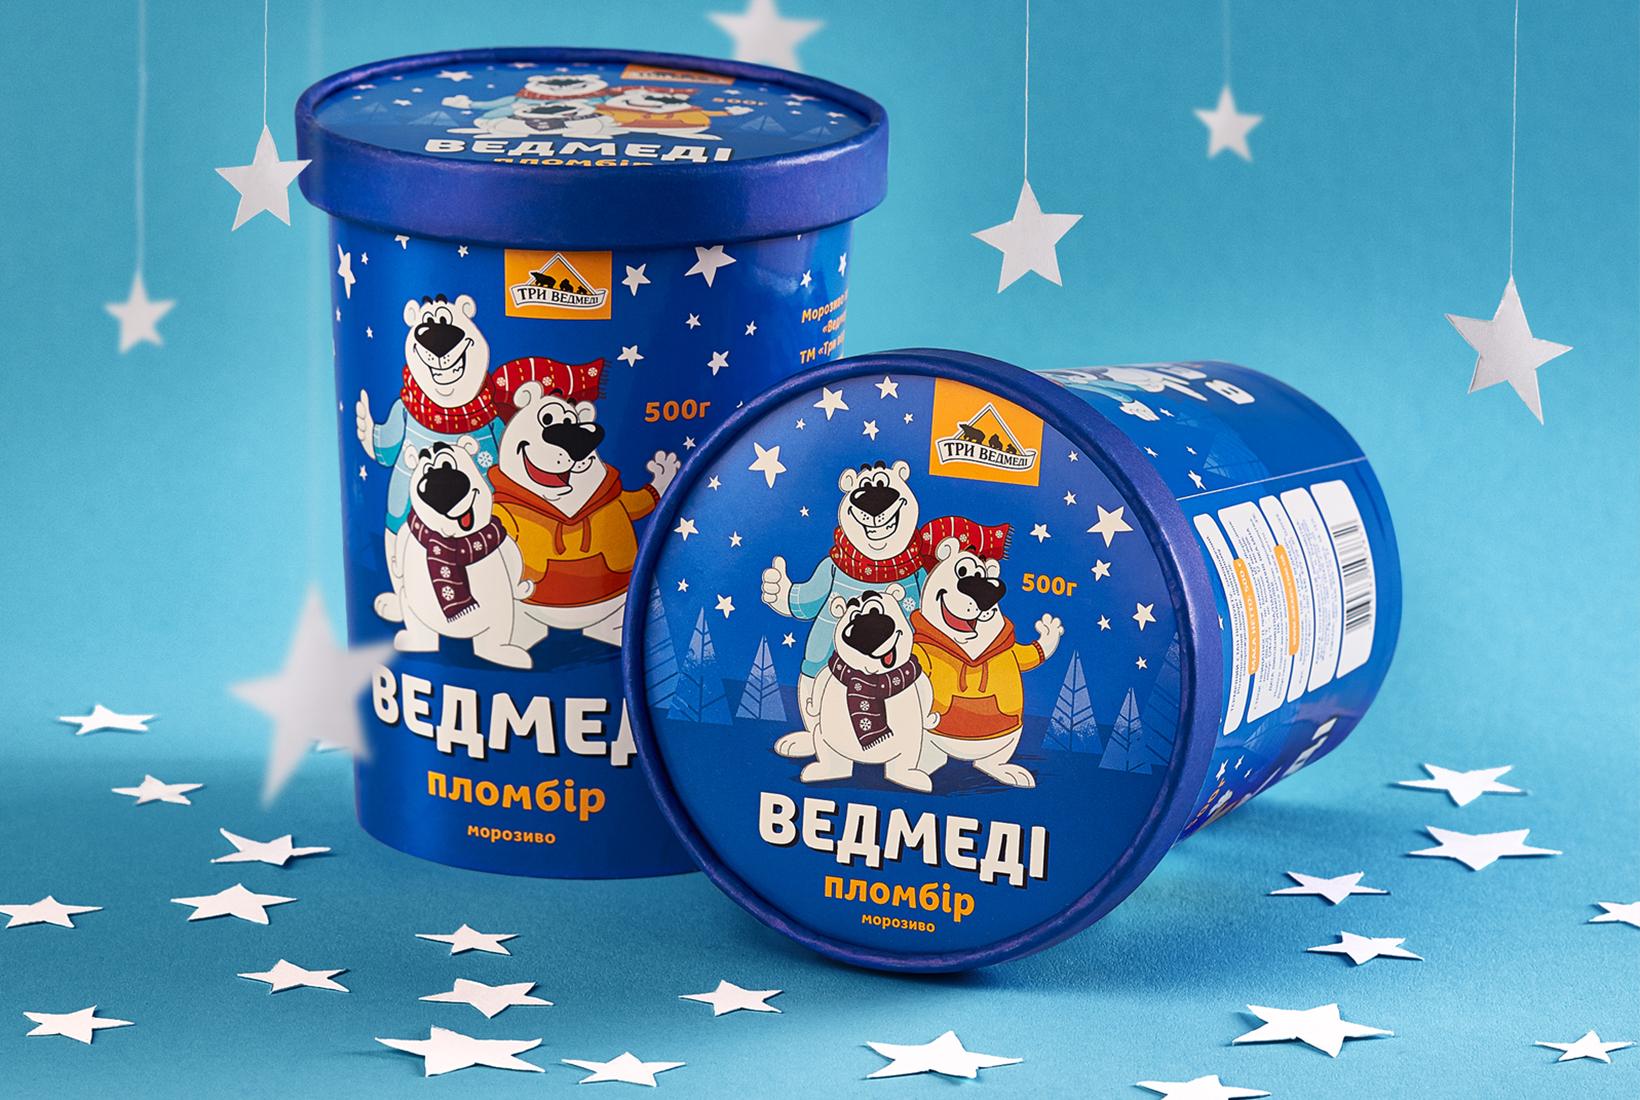 """""""Три ведмеді"""" редизайн упаковки мороженного"""